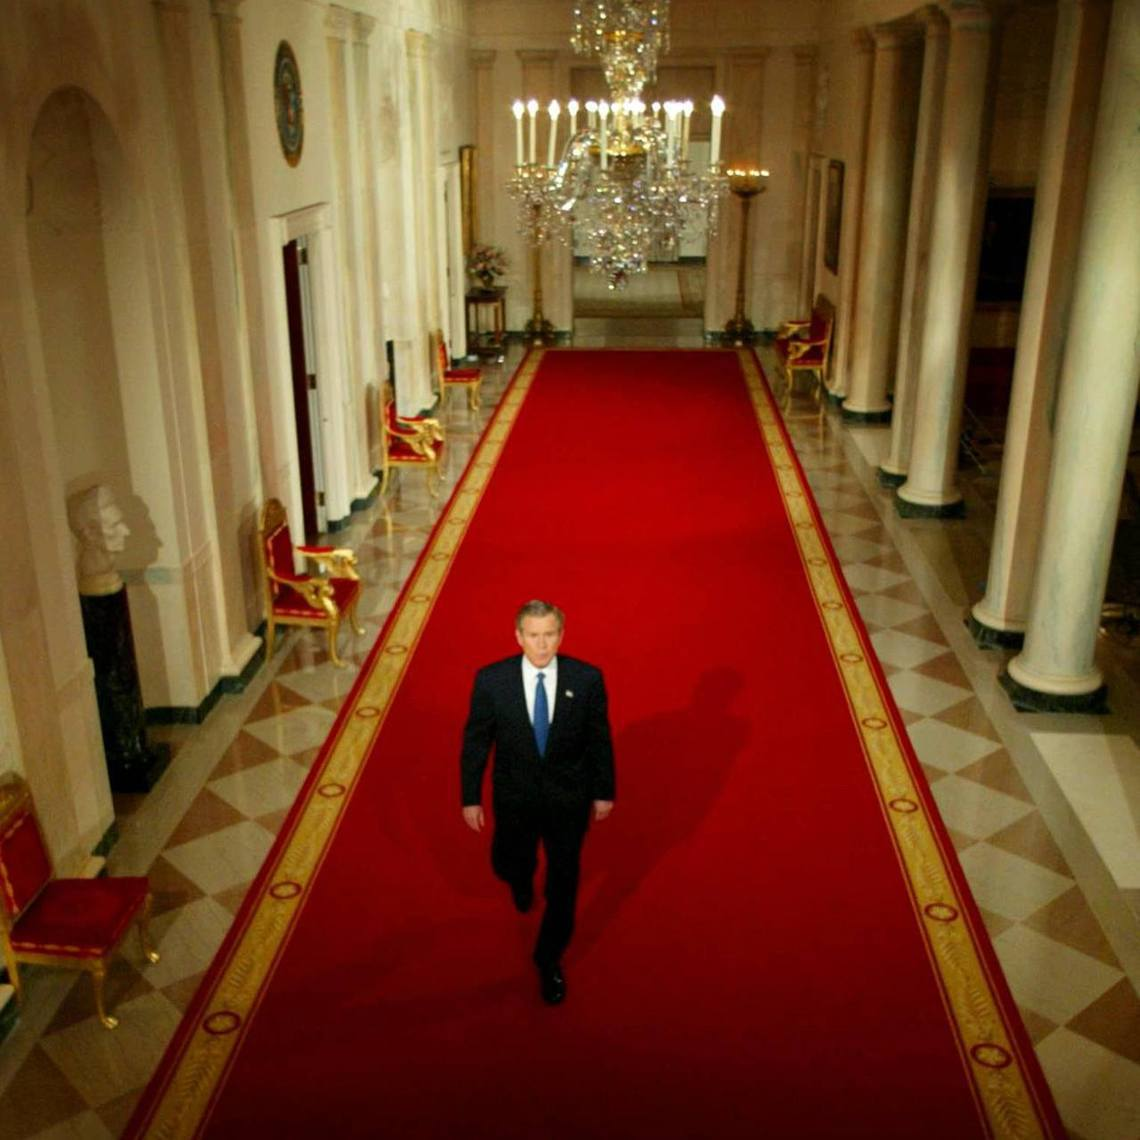 2003年3月6日,小布希準備走到白宮東廂辦公室,向全國說明對伊拉克的最後通牒;...